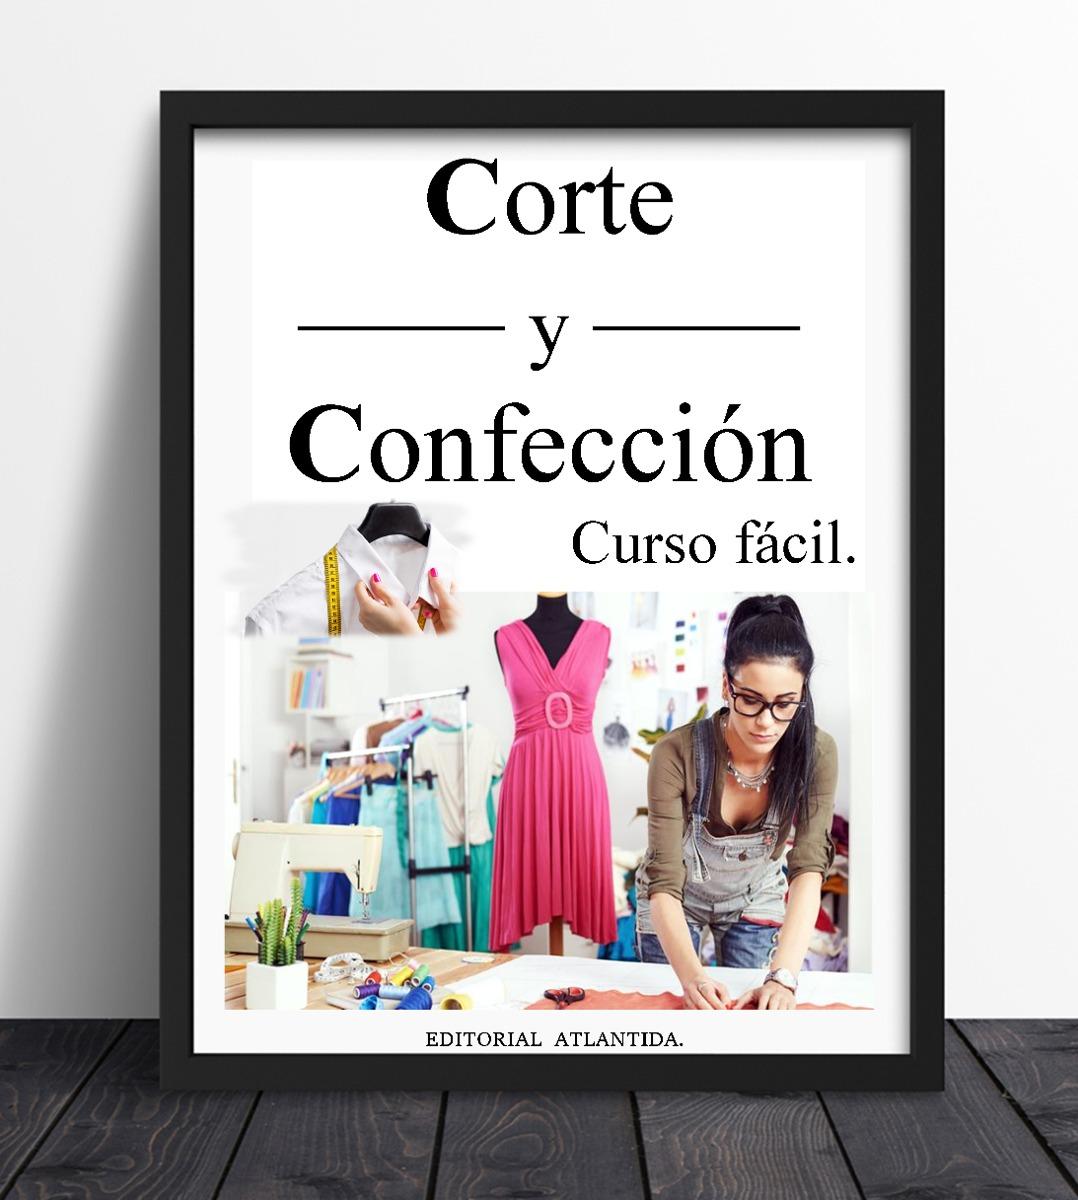 61 Libros Corte Costura Y Confección Patrones - $ 50.00 en Mercado Libre